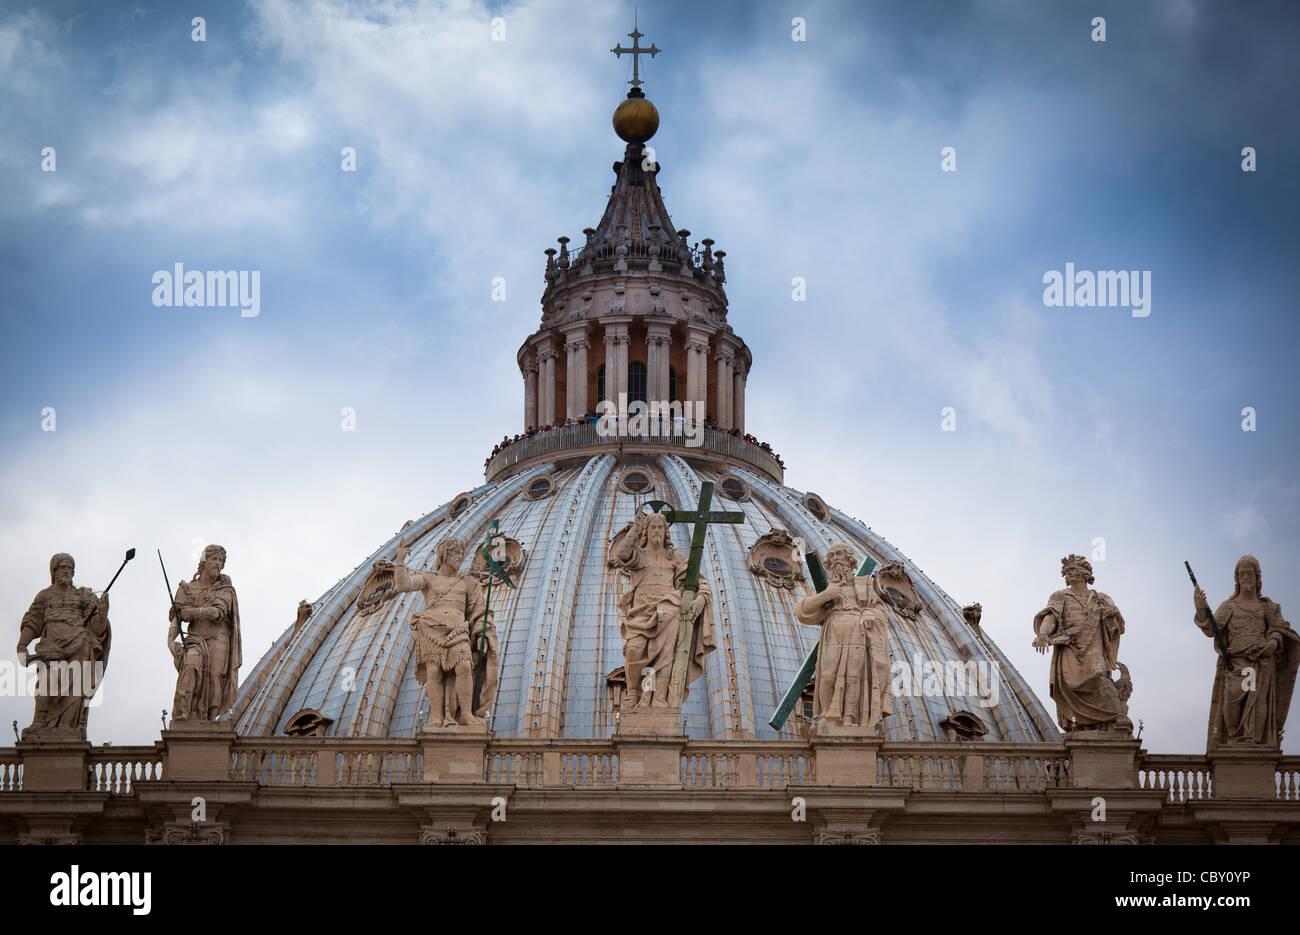 Techo de la Basílica de San Pedro en el Vaticano, Roma, Italia Imagen De Stock